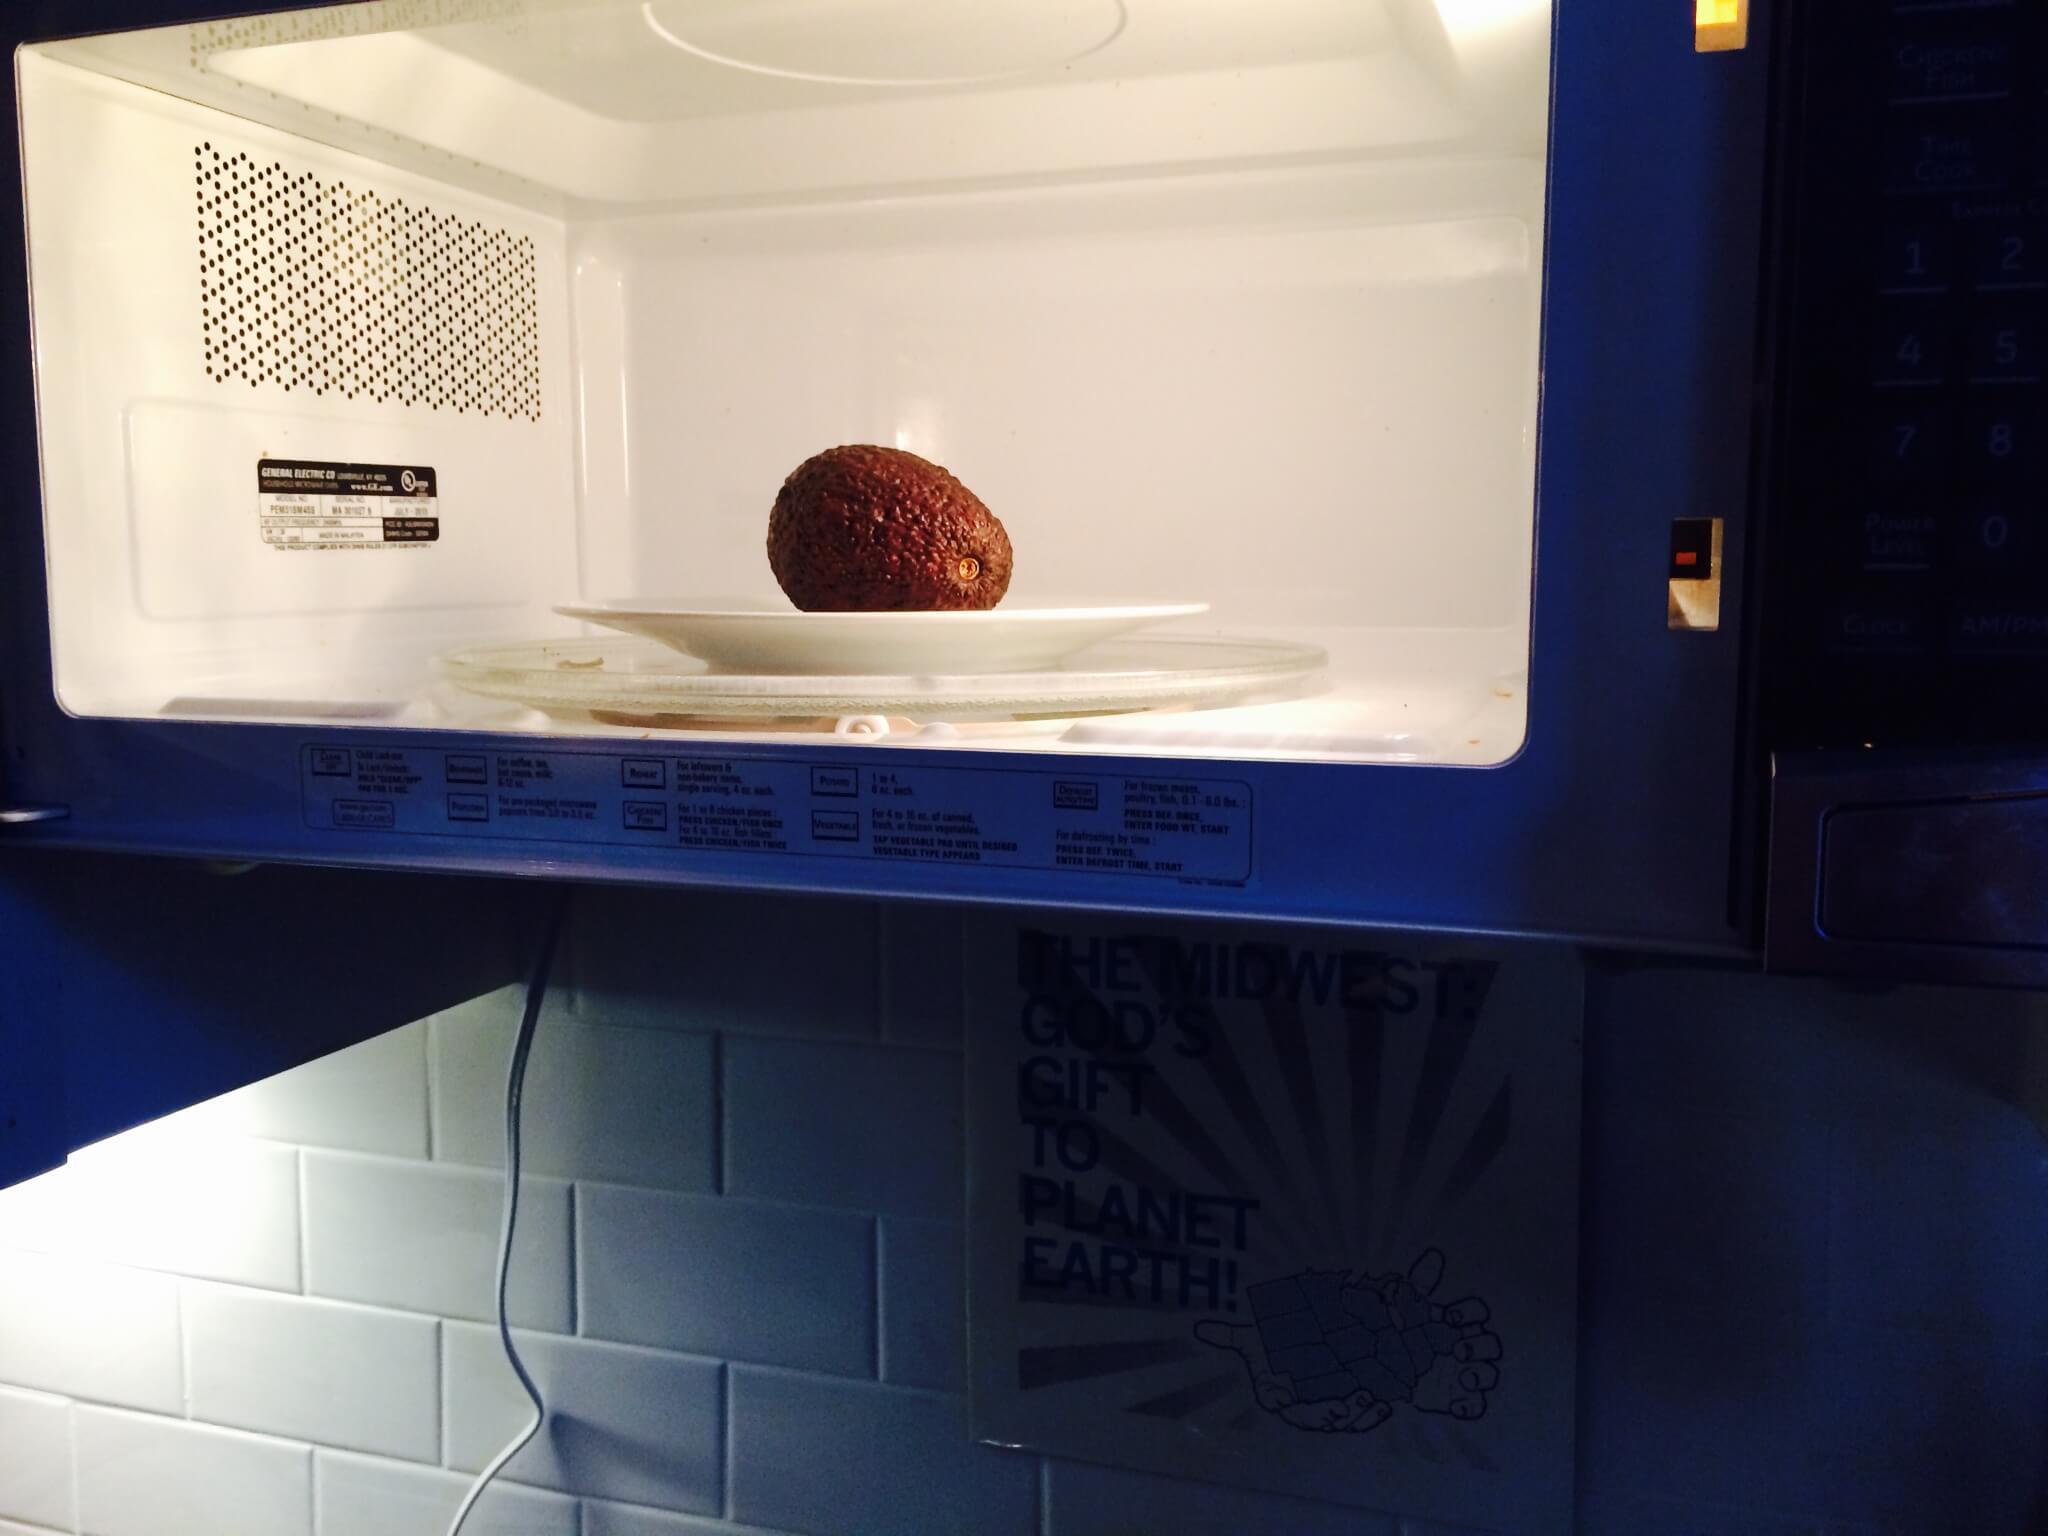 Αβοκάντο τοποθετημένο μέσα σε φούρνο μικροκυμάτων.